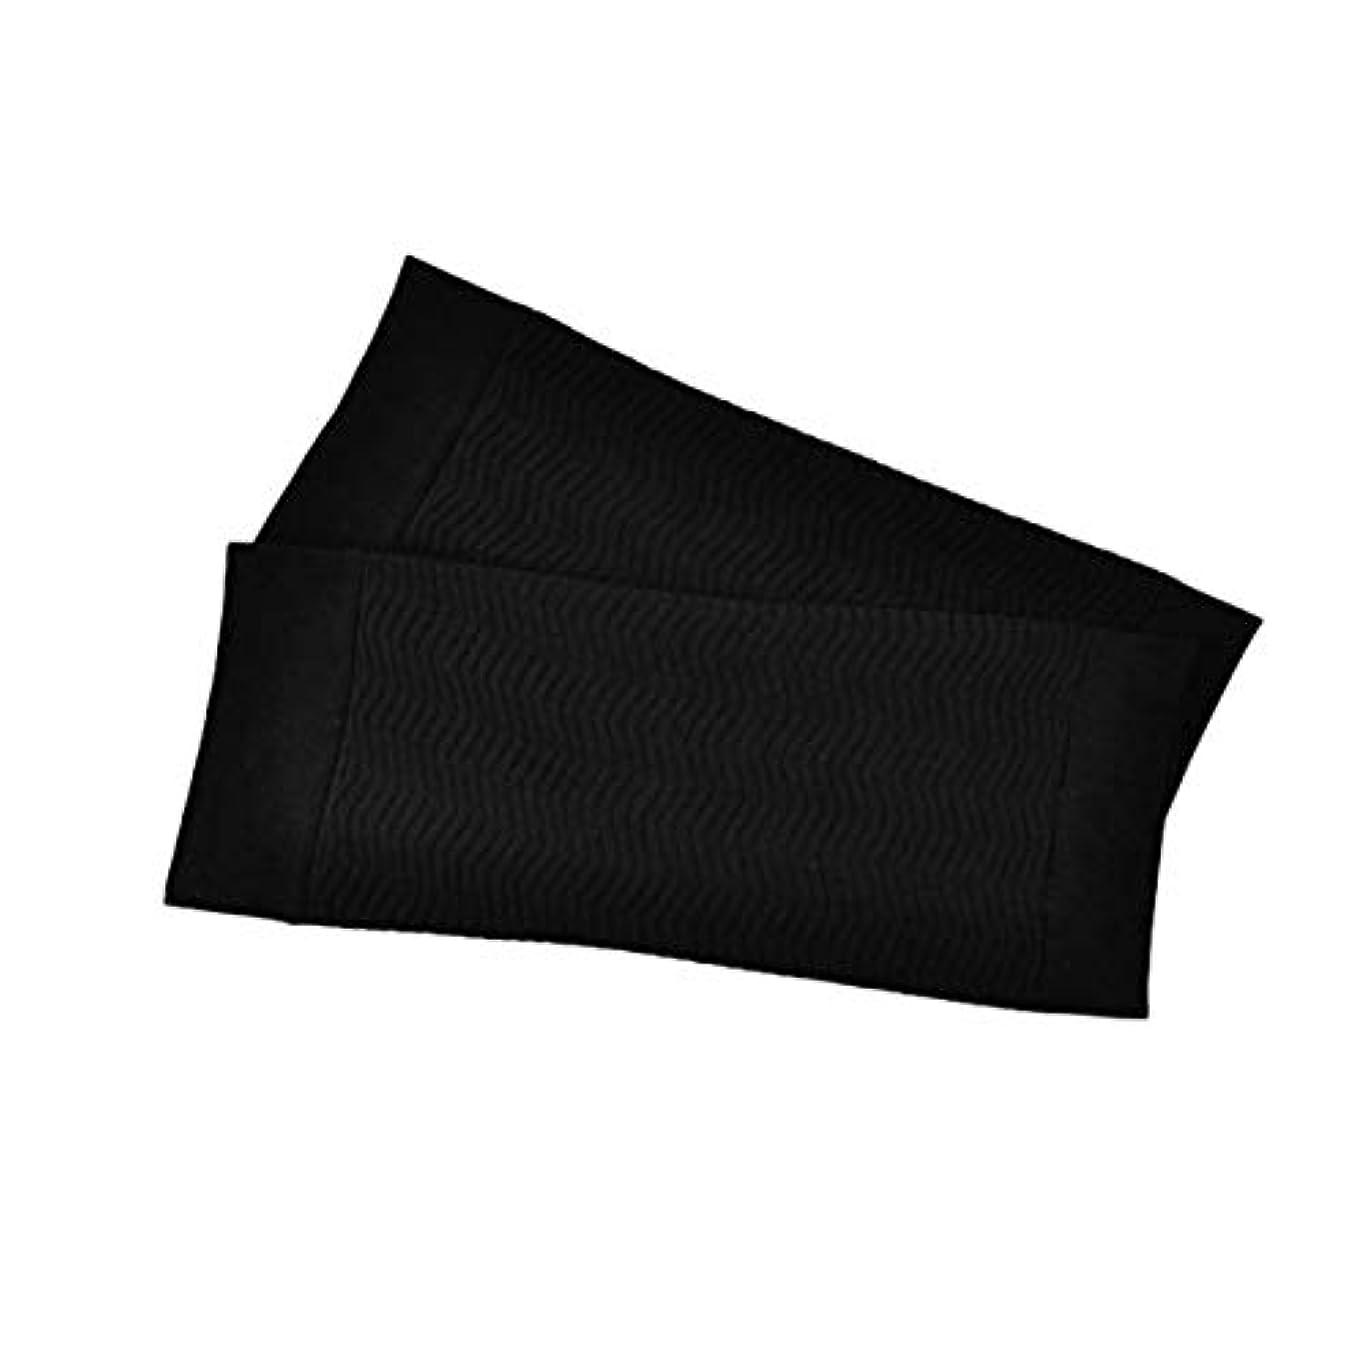 可塑性人気の公然と1ペア680 D圧縮アームシェイパーワークアウトトーニングバーンセルライトスリミングアームスリーブ脂肪燃焼半袖用女性 - ブラック